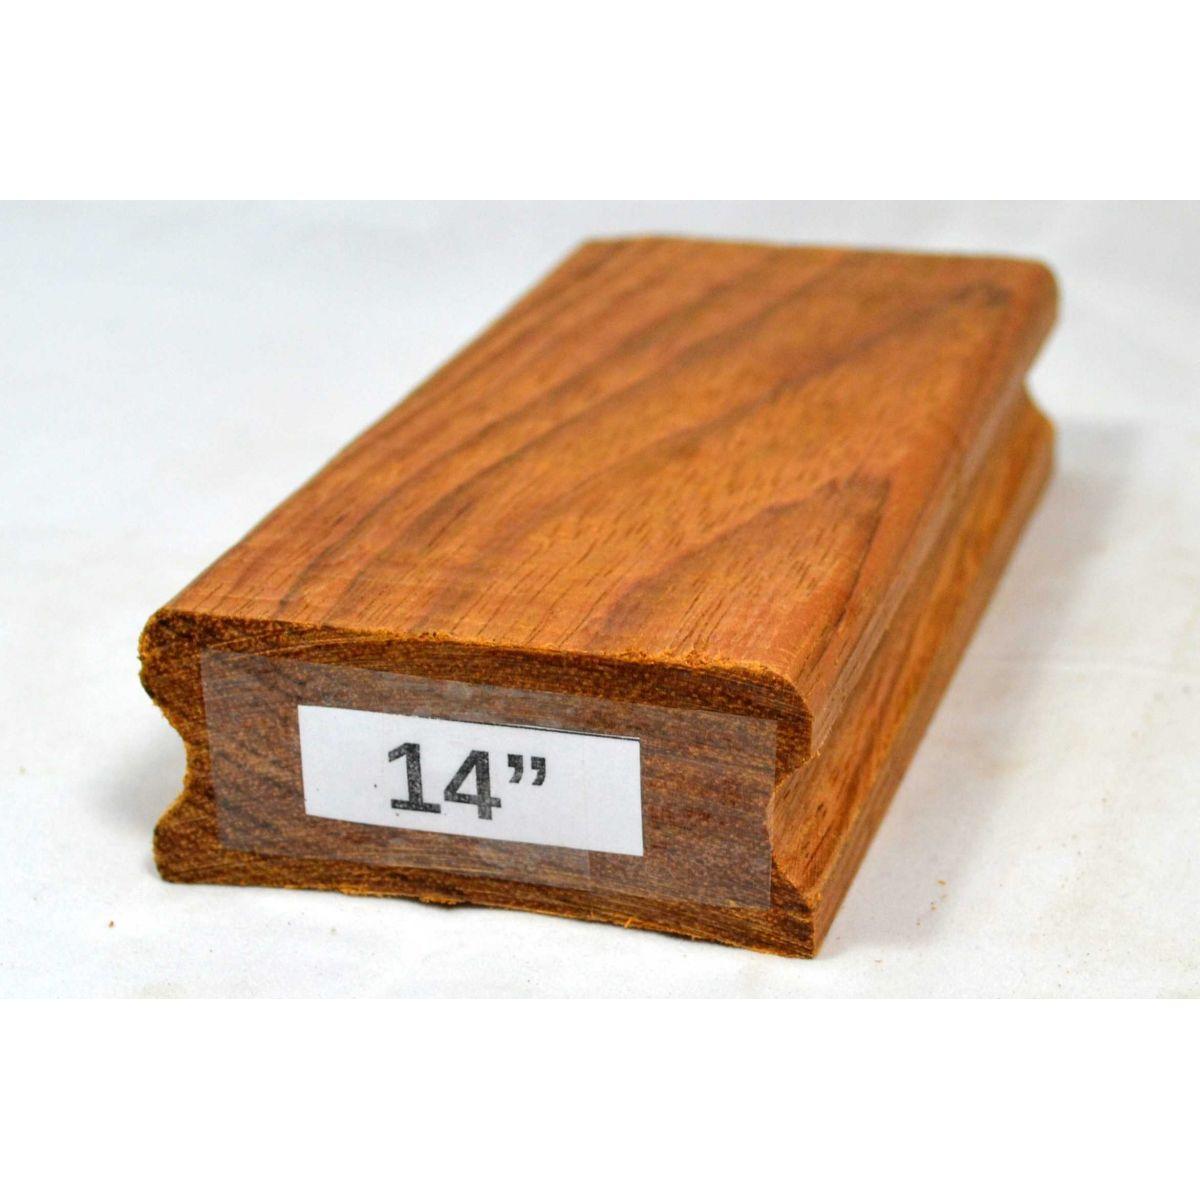 """Taco de raiar escala (unidade) com o raio de 14"""" (16cm x 7,5cm)  - Luthieria Brasil"""